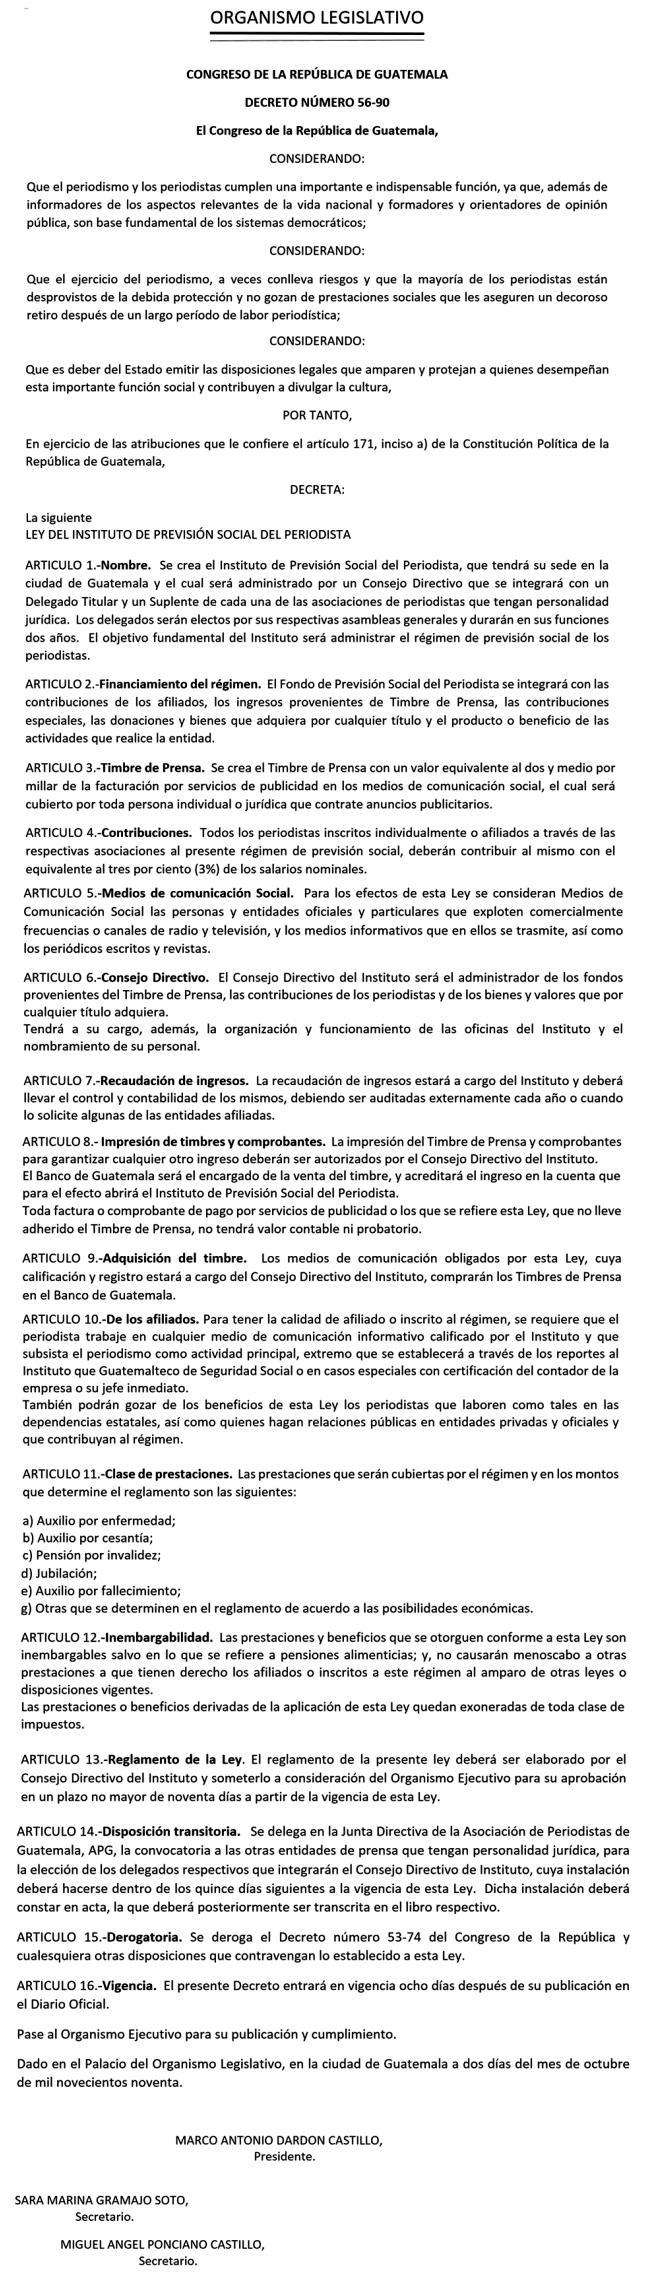 Decreto 56-90 - - - COMPLETO - DCA 22 11 1990